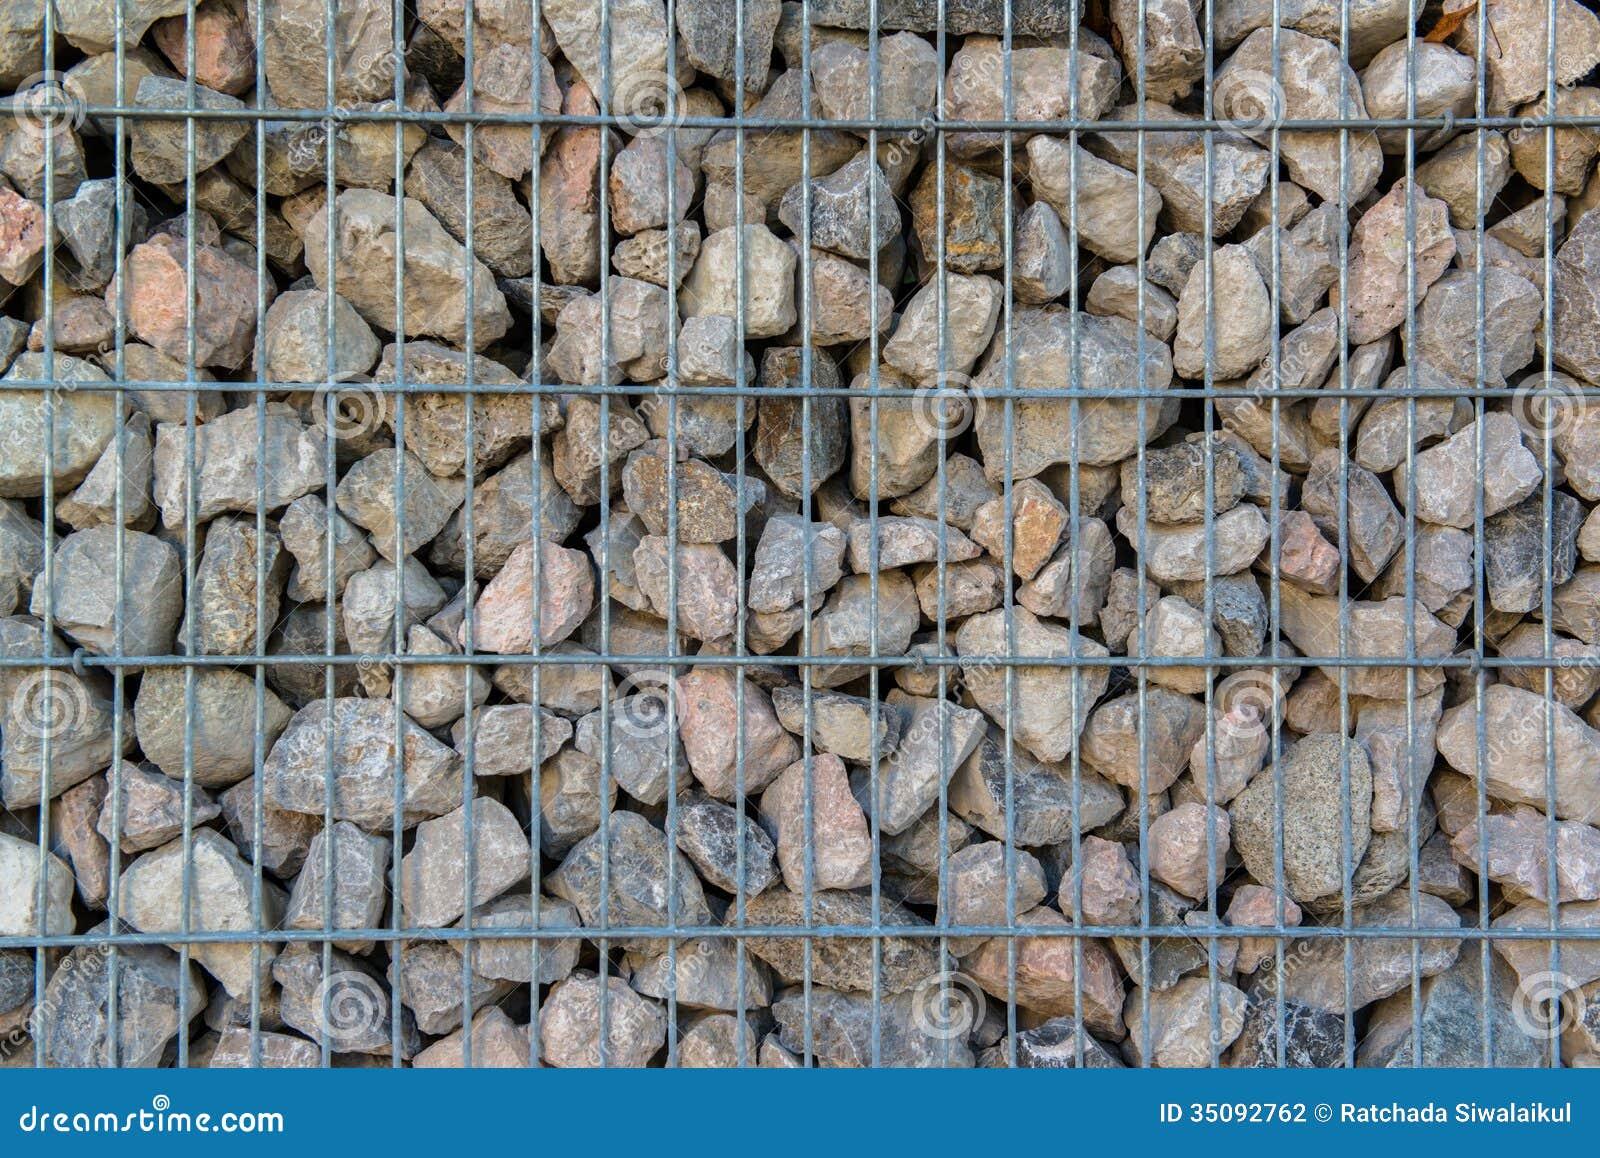 detalle tirado de un muro de contencin de piedra - Muro De Piedra